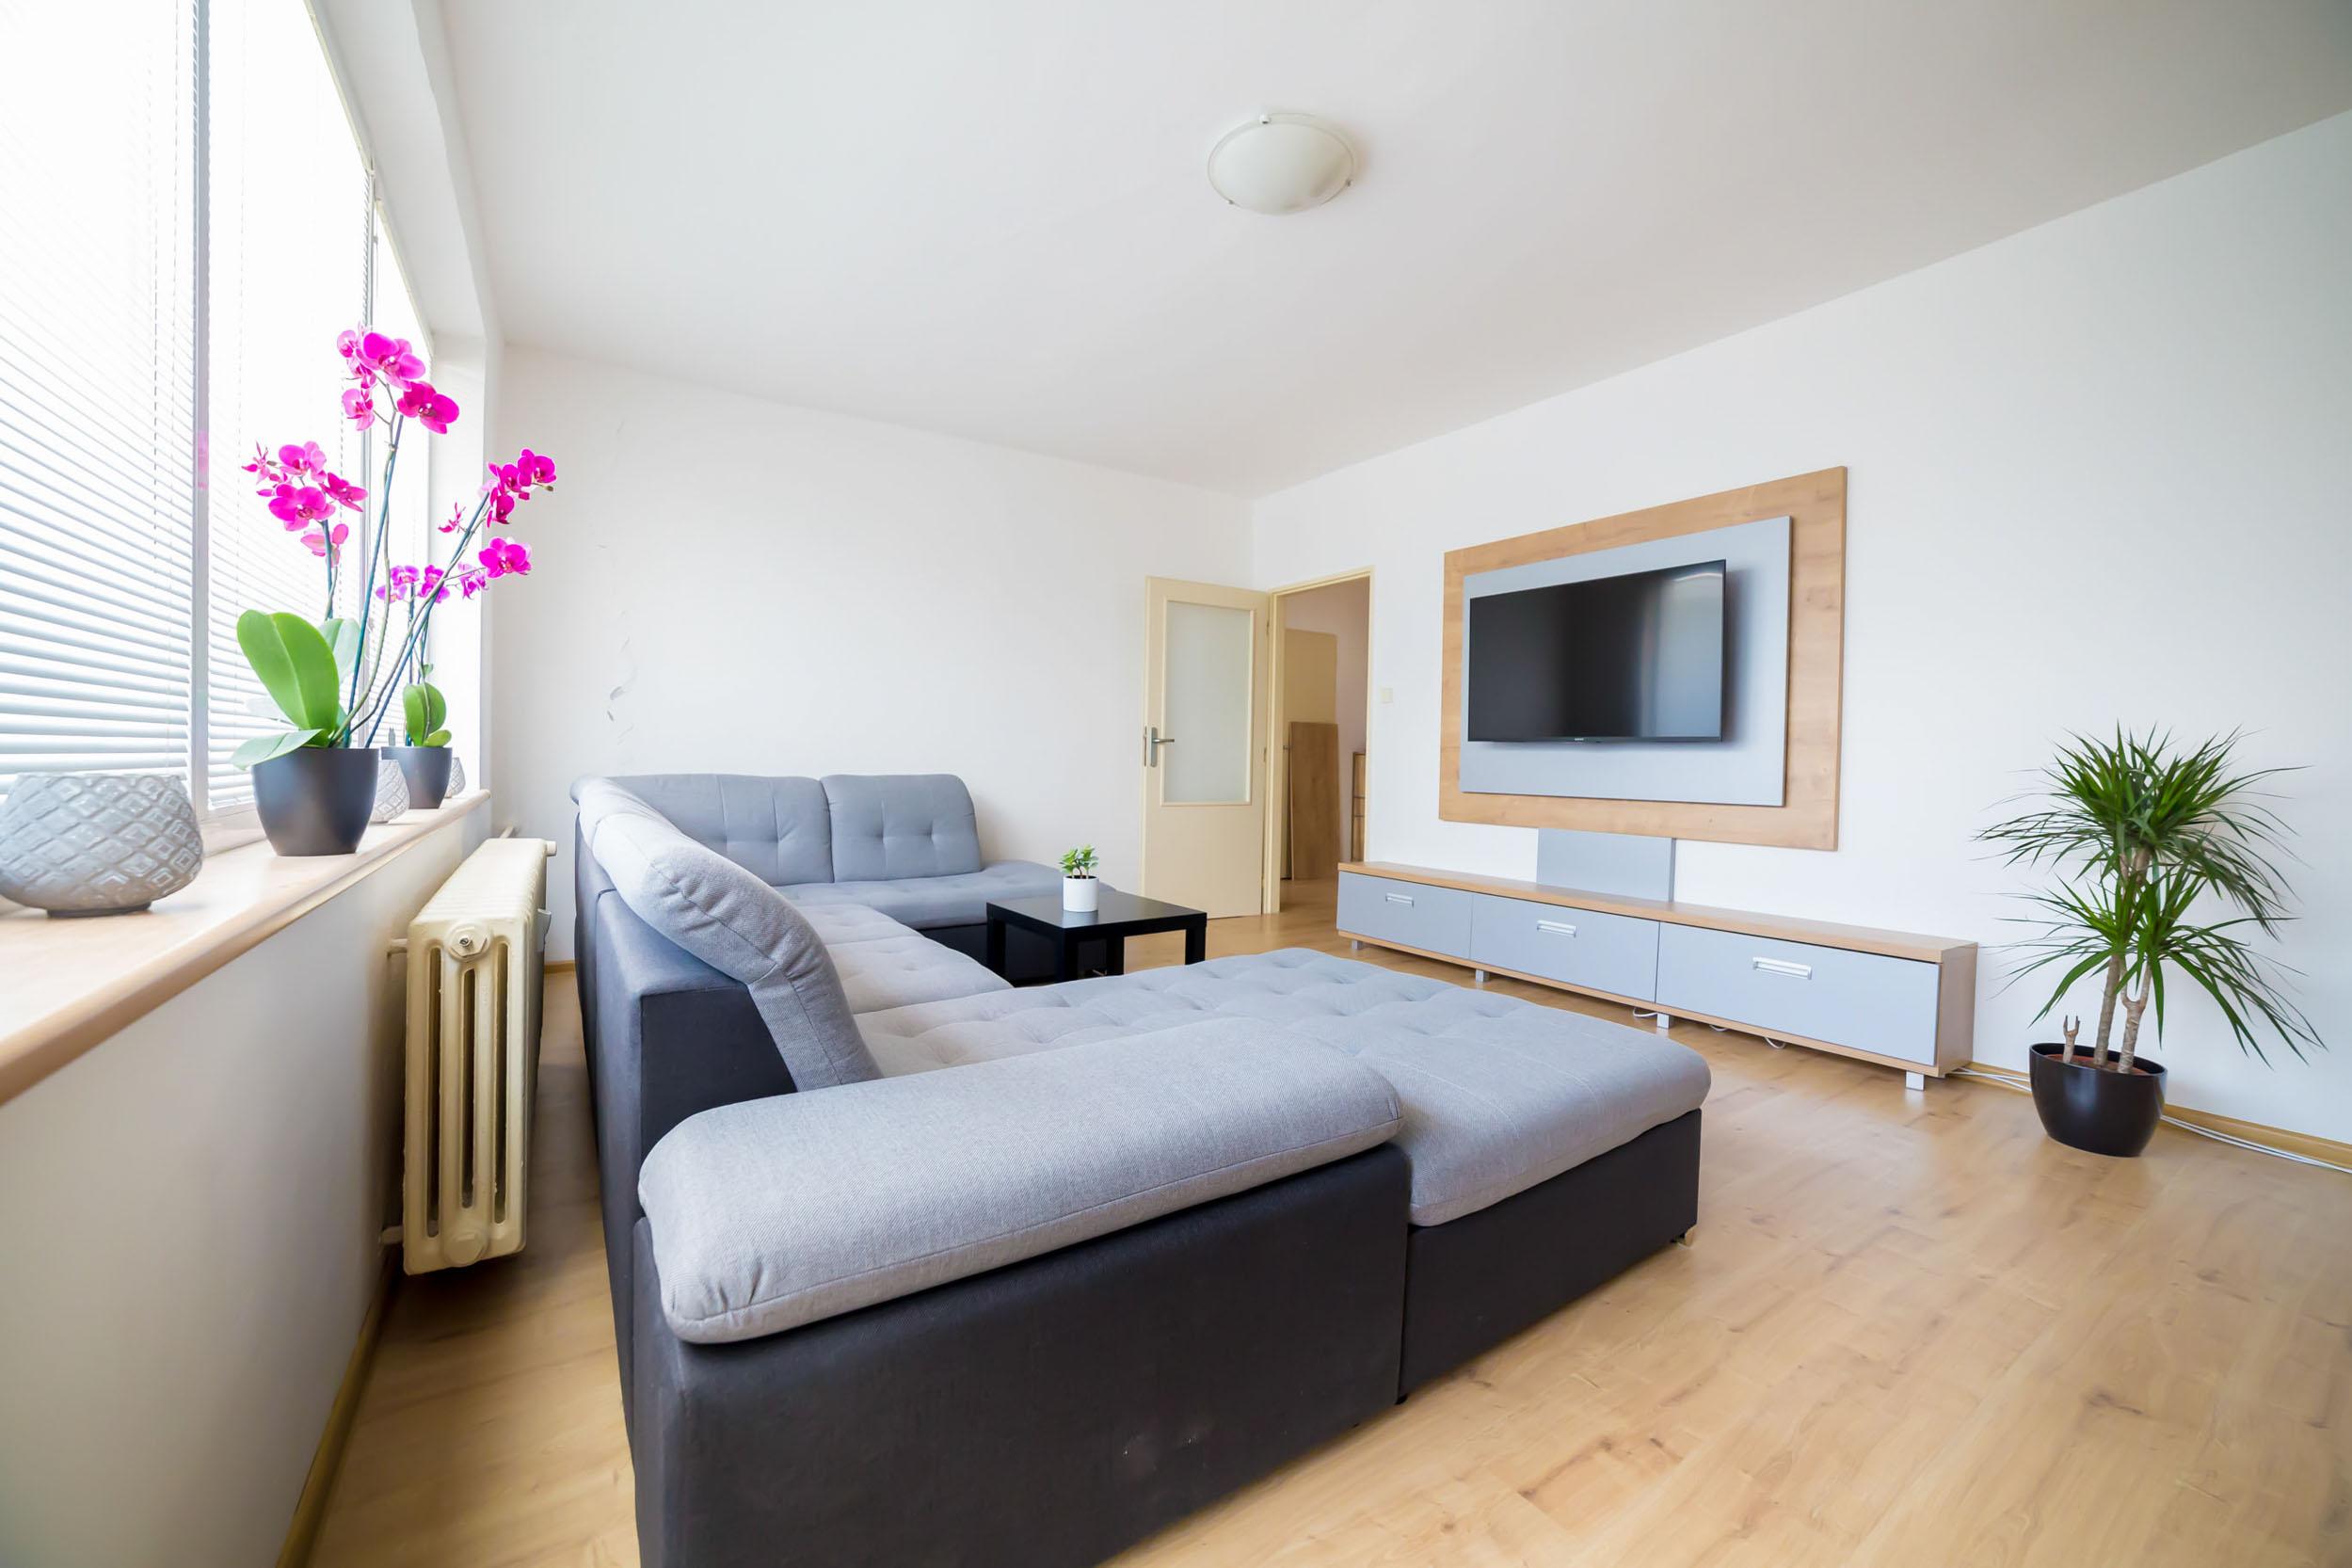 opava reality televize sedacka radiator kvetina dvere svetlo zaluzie okno stul podlaha orchidej